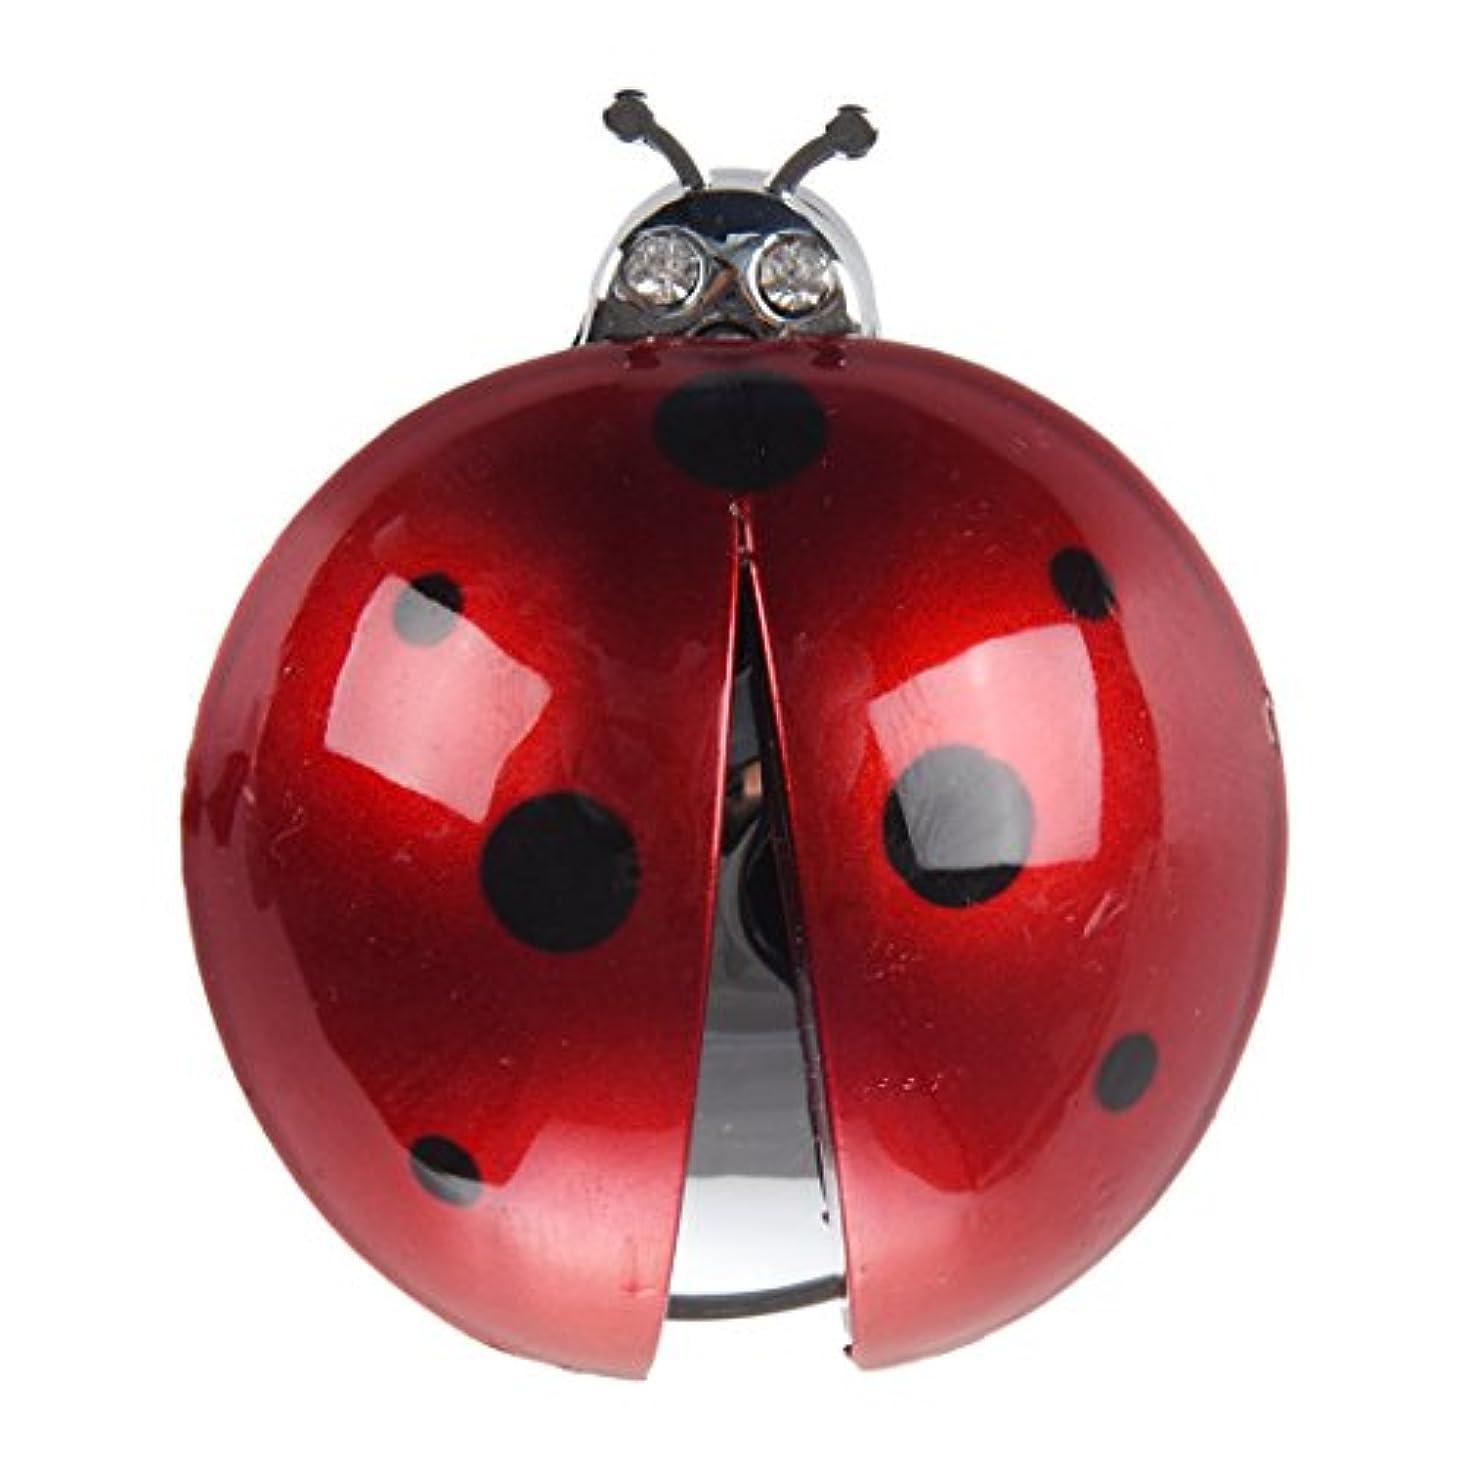 失繁栄するあなたが良くなりますTYJP TYJP(R)車の空気ベント てんとう虫のデザイン フレグランス 清浄 芳香 ダークレッド